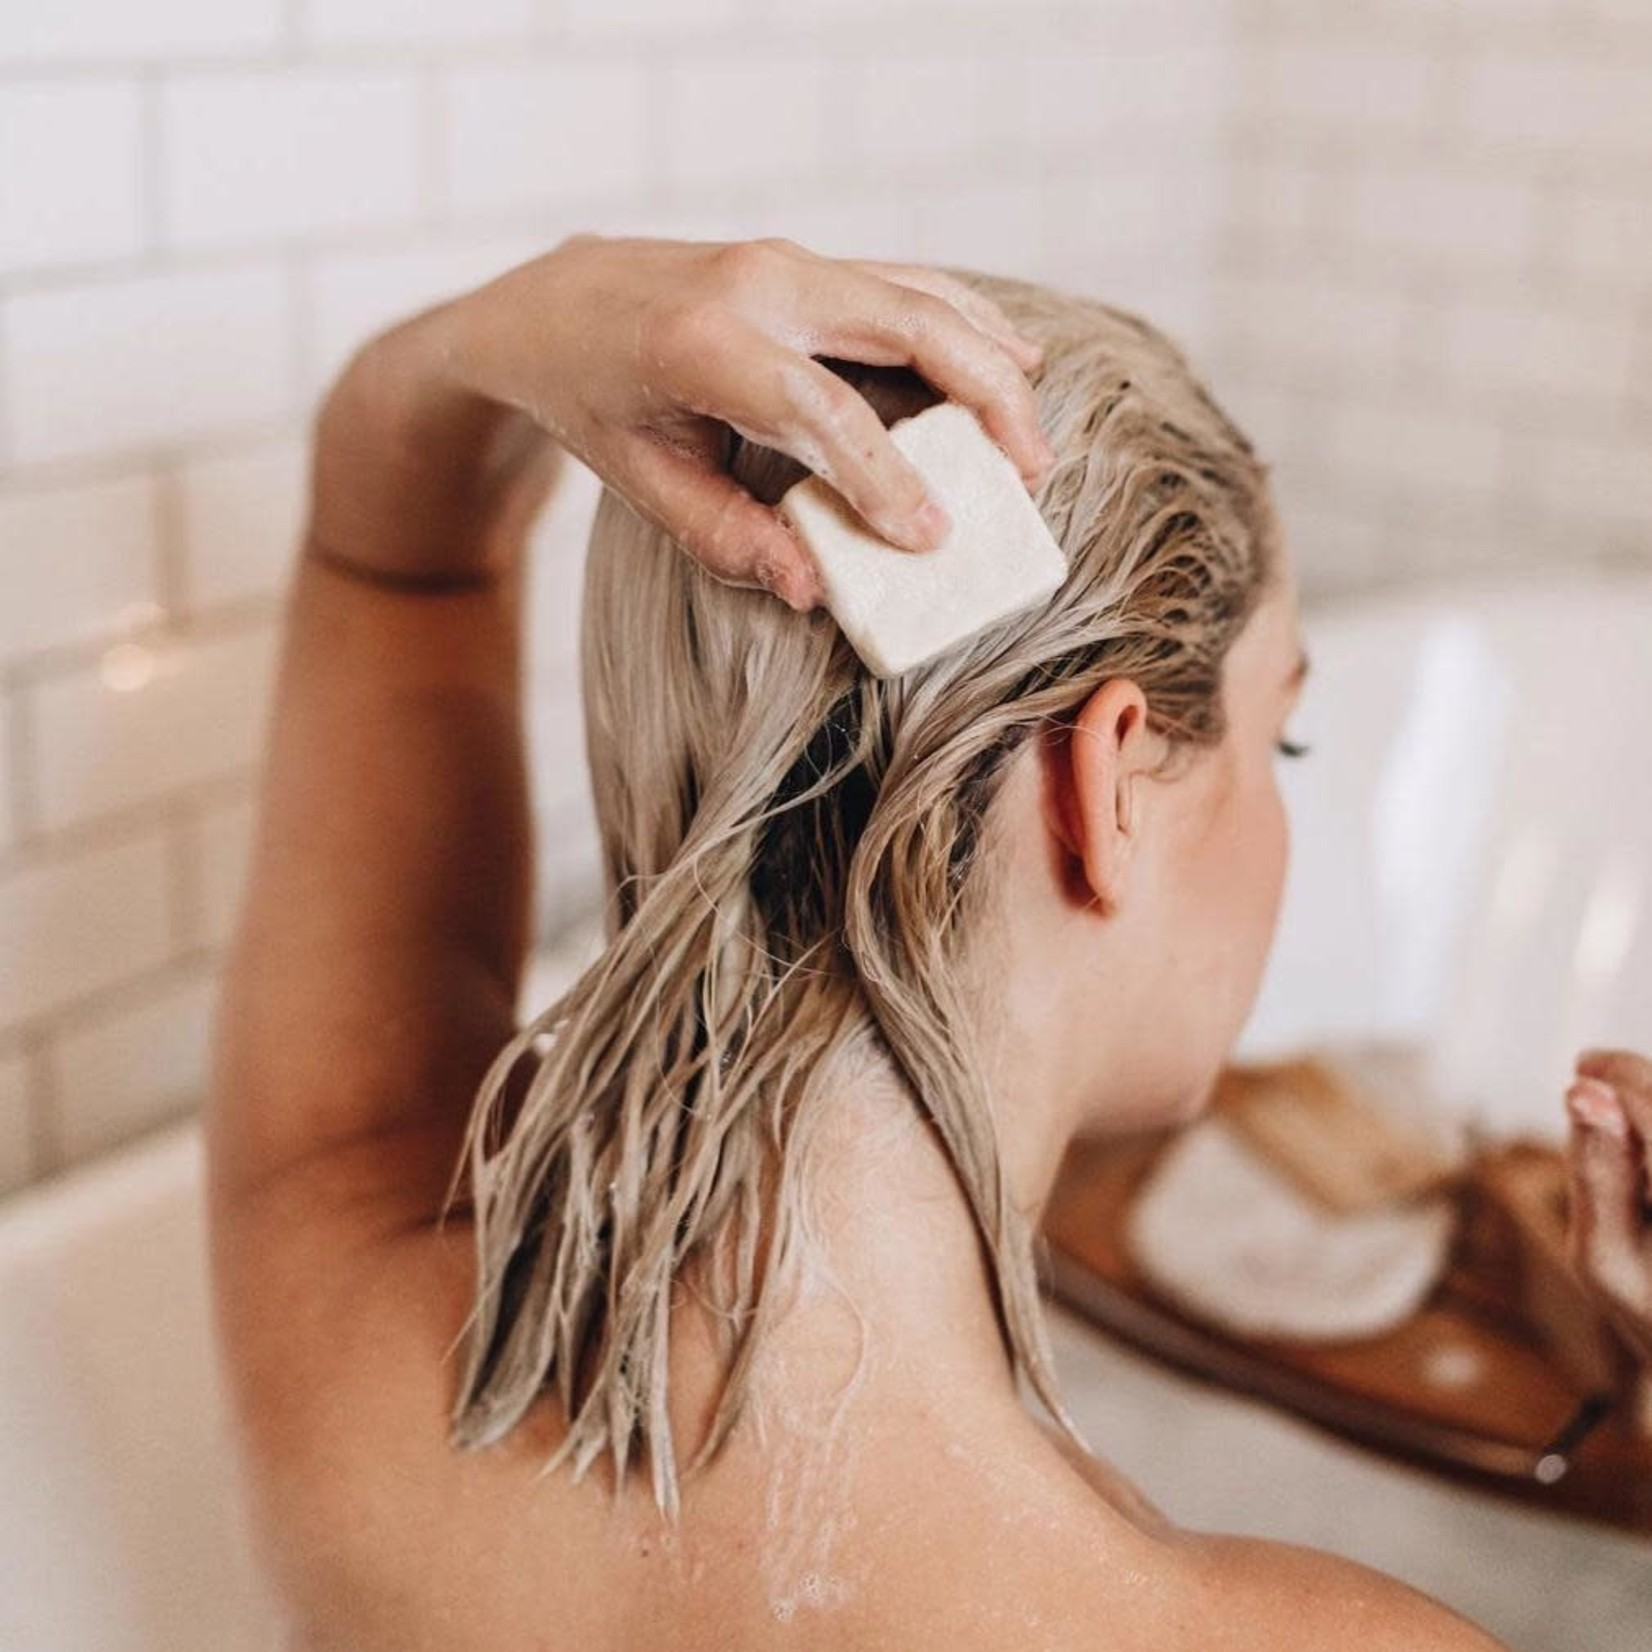 BKIND BKIND - Shampoing en barre / Hydratation et souplesse